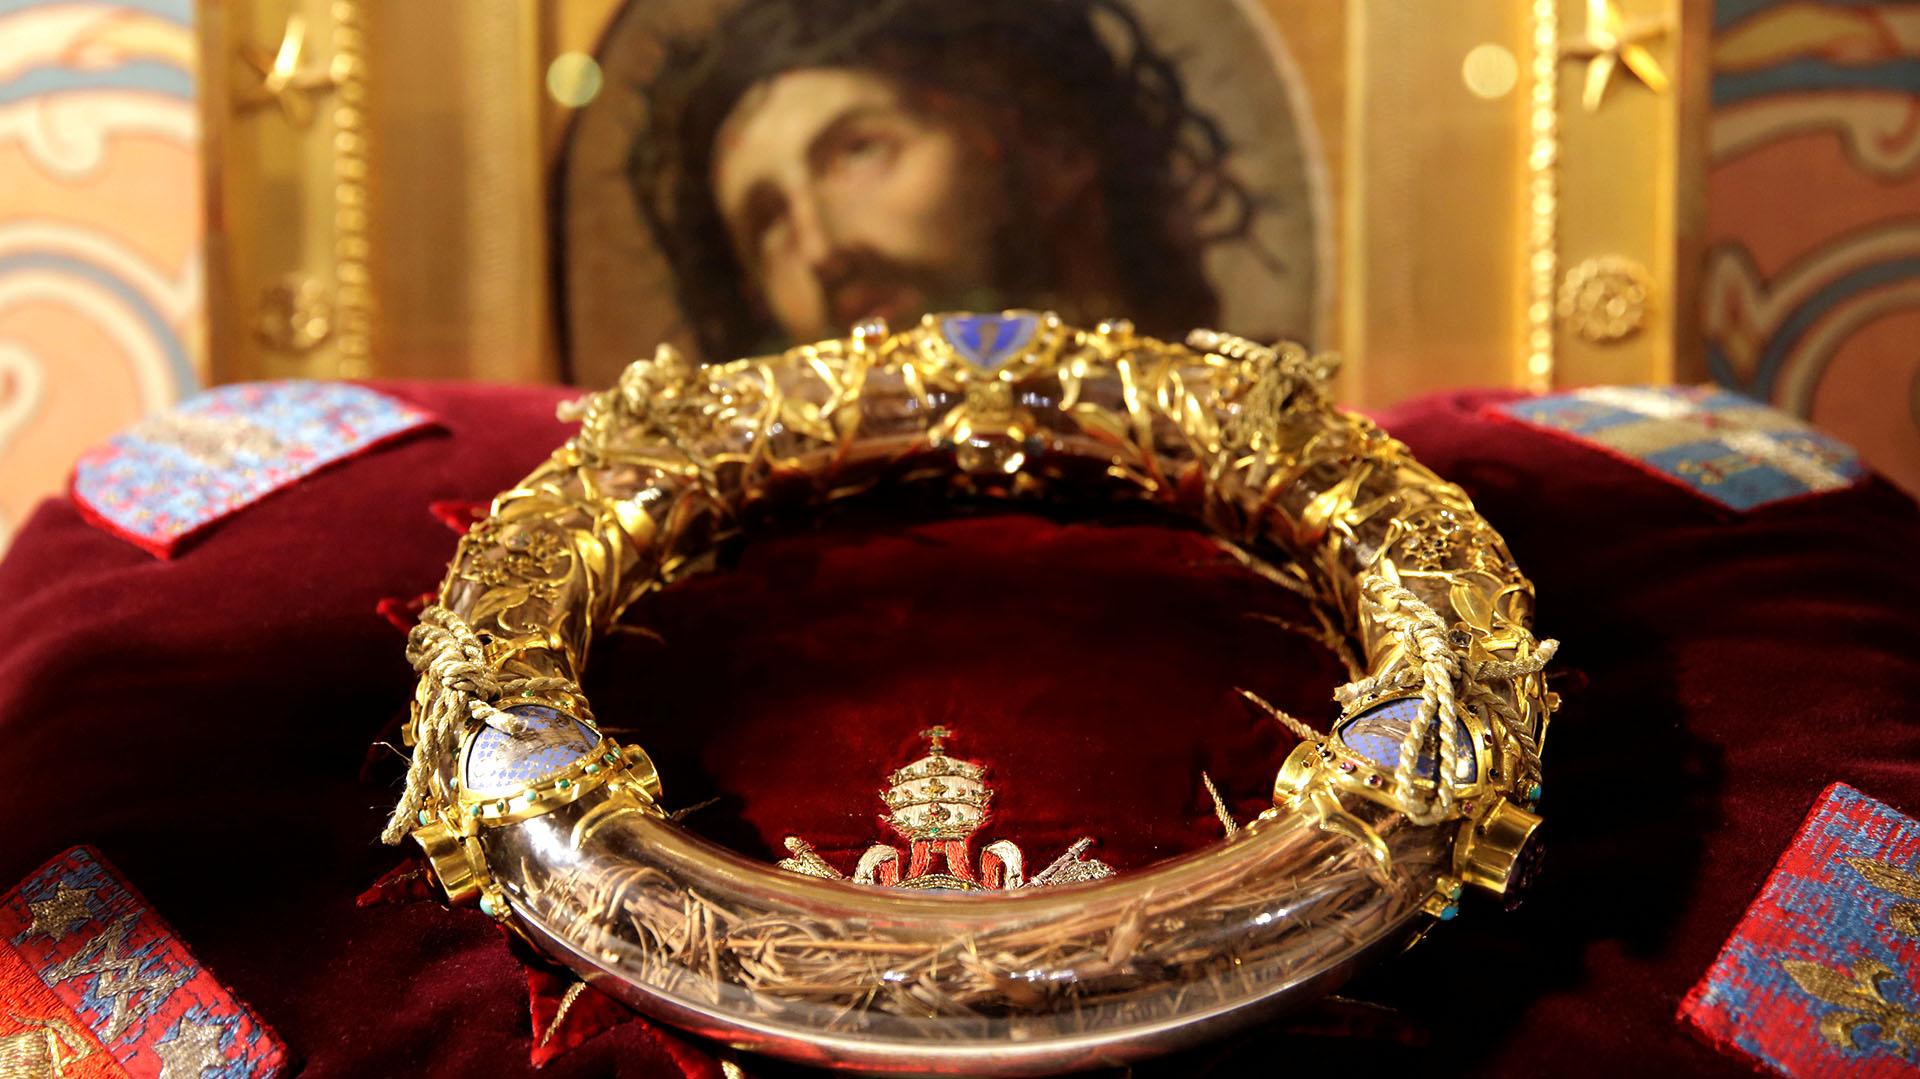 La corona de espinas, fue unas de las reliquias rescatadas del incendio de Notre Dame